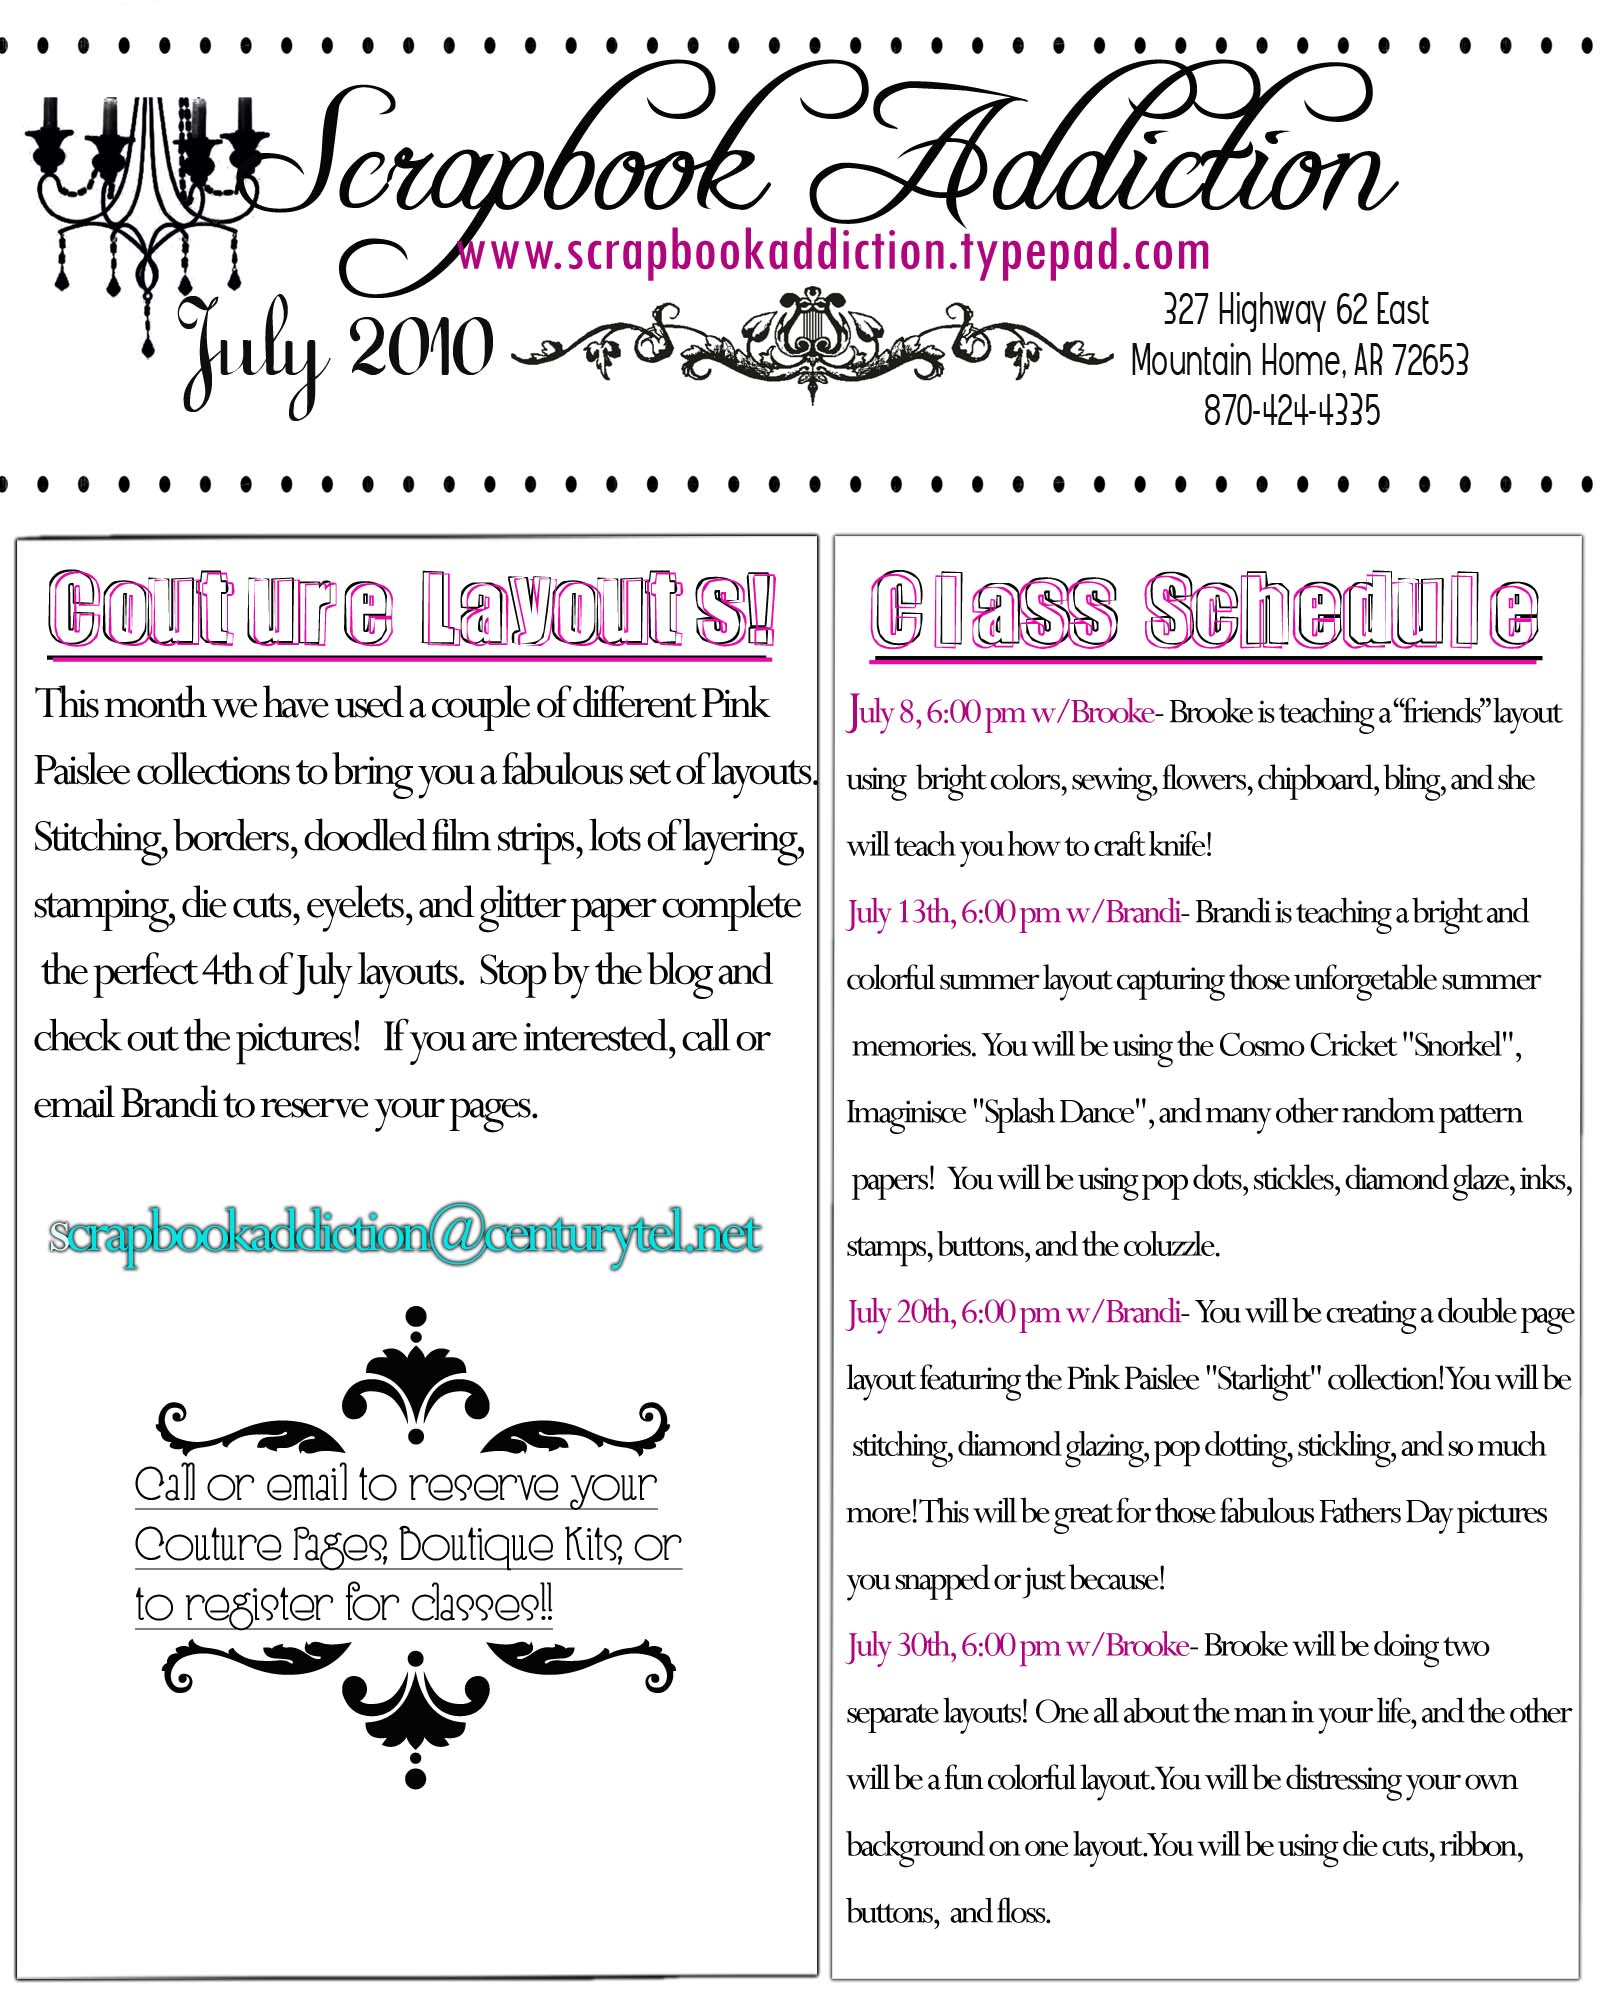 July 2010 copy